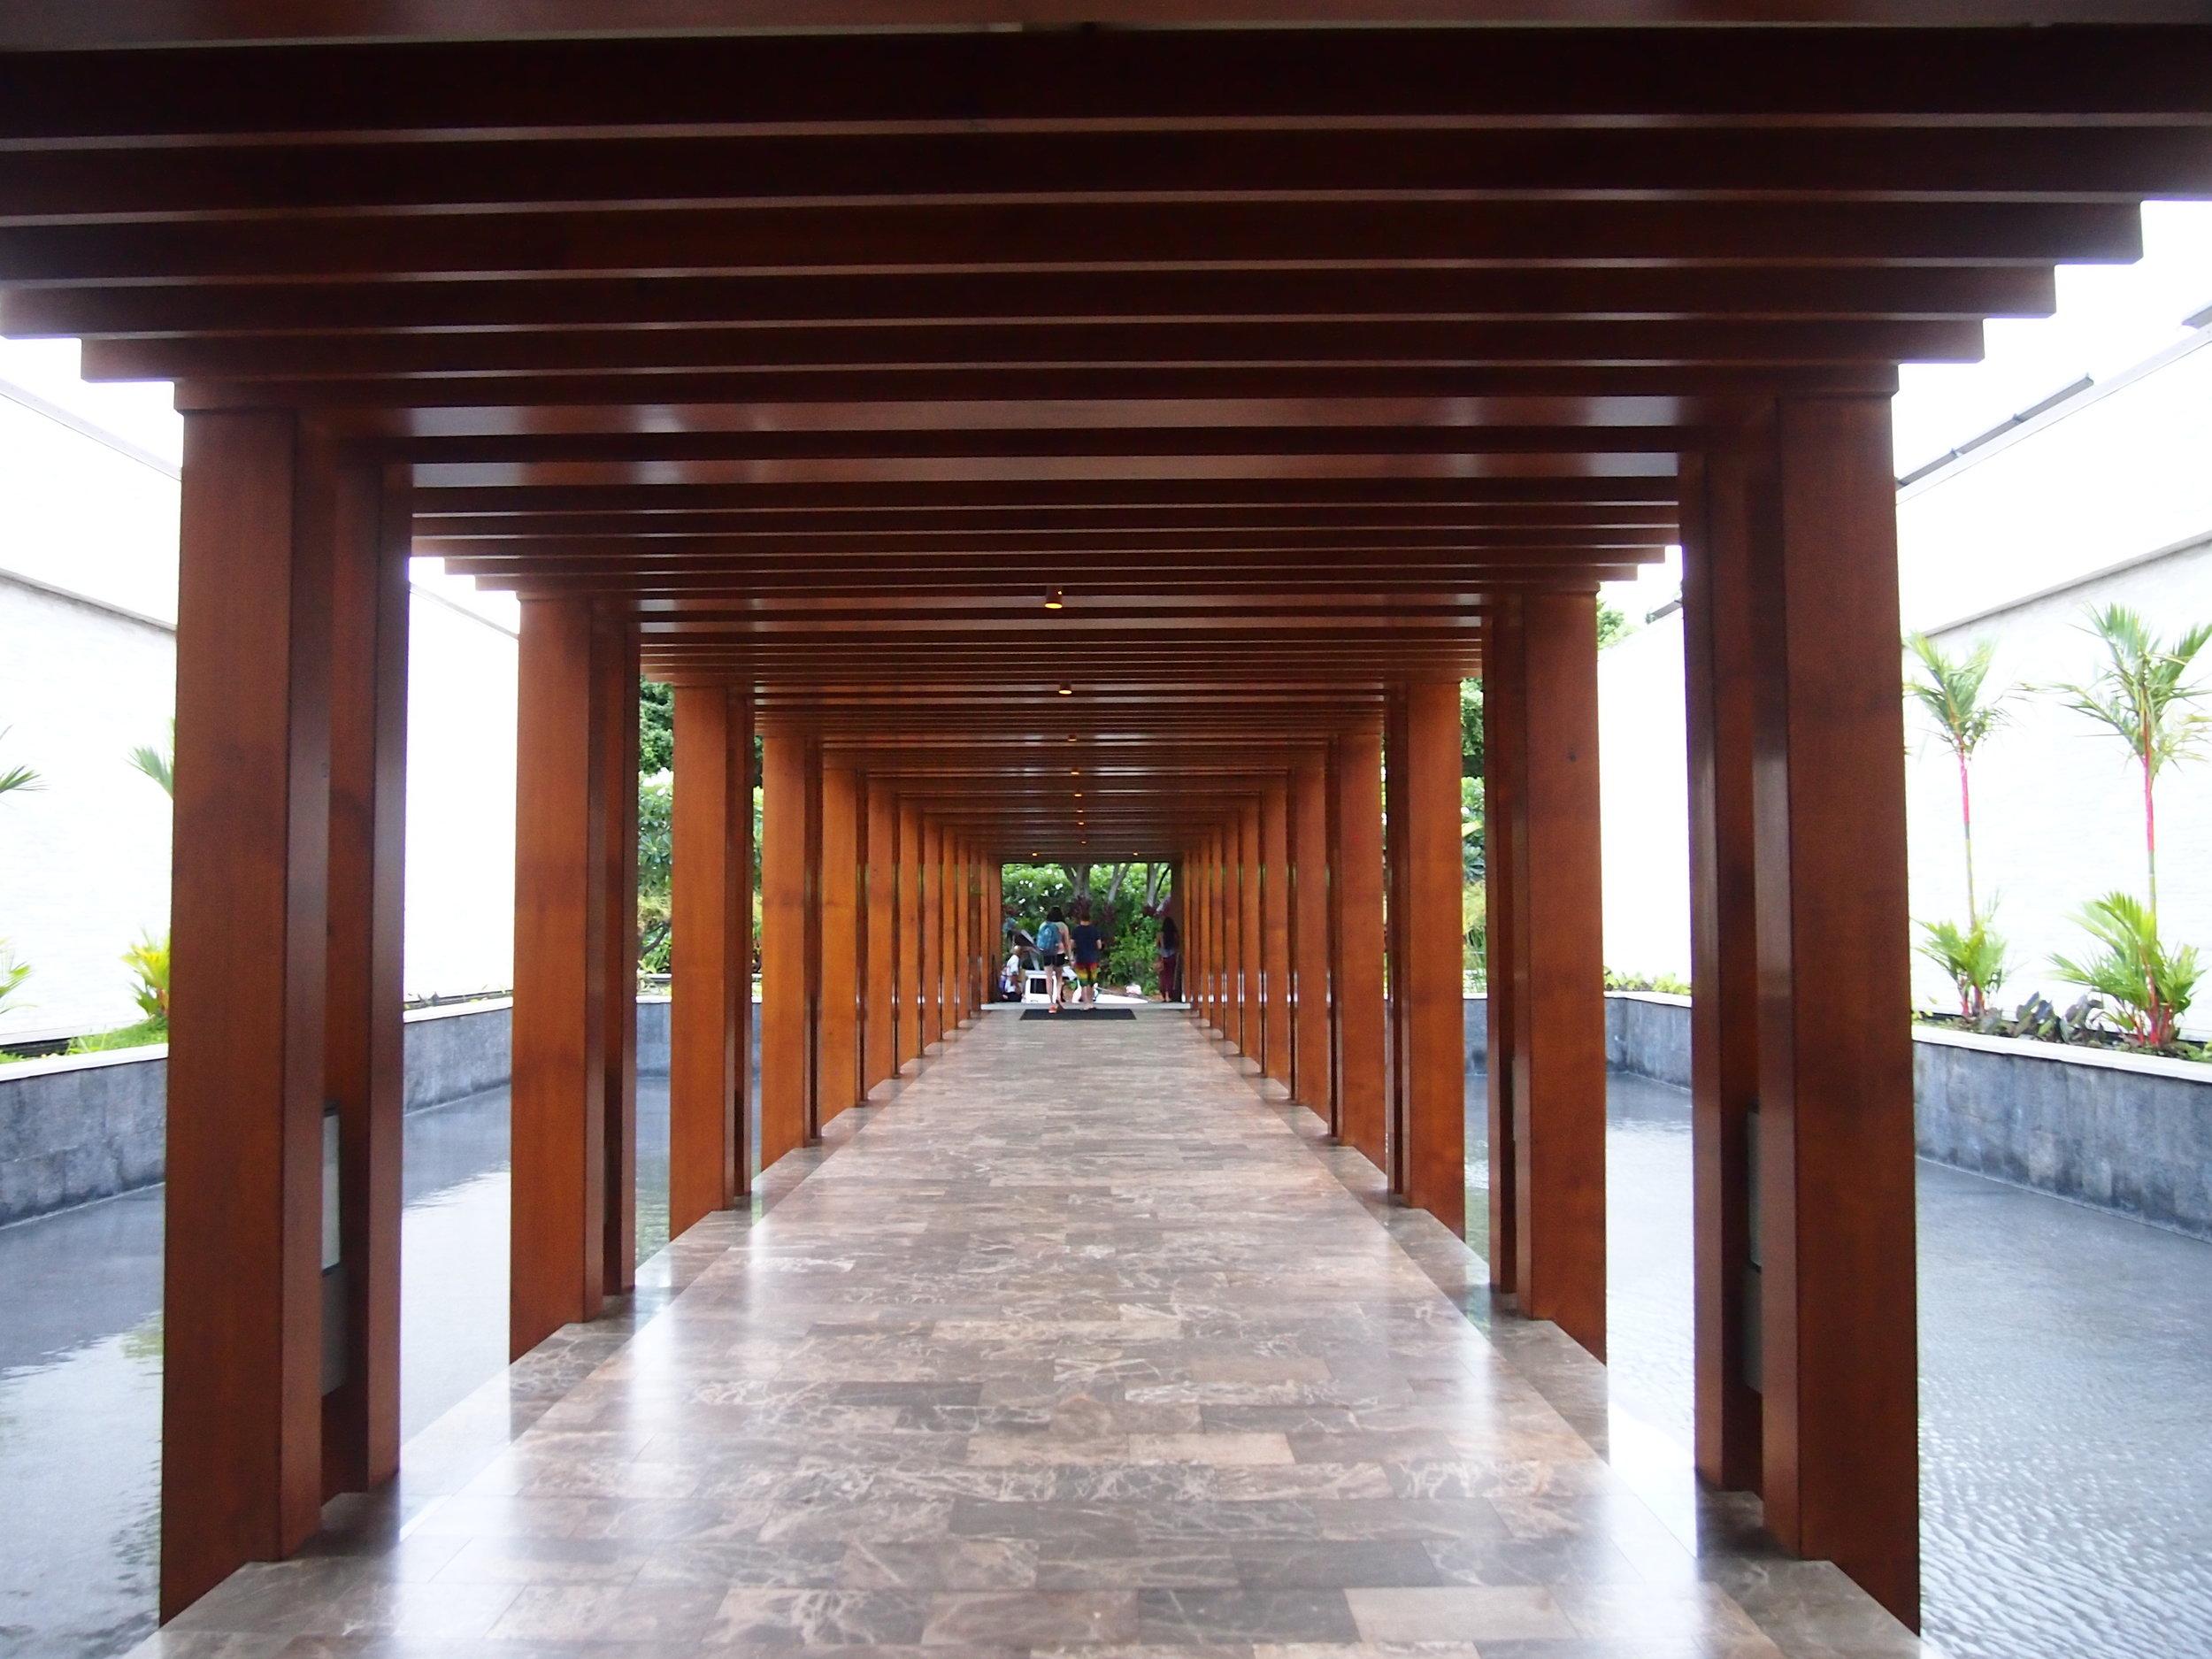 Walkway-lobby-andaz-wailea-maui